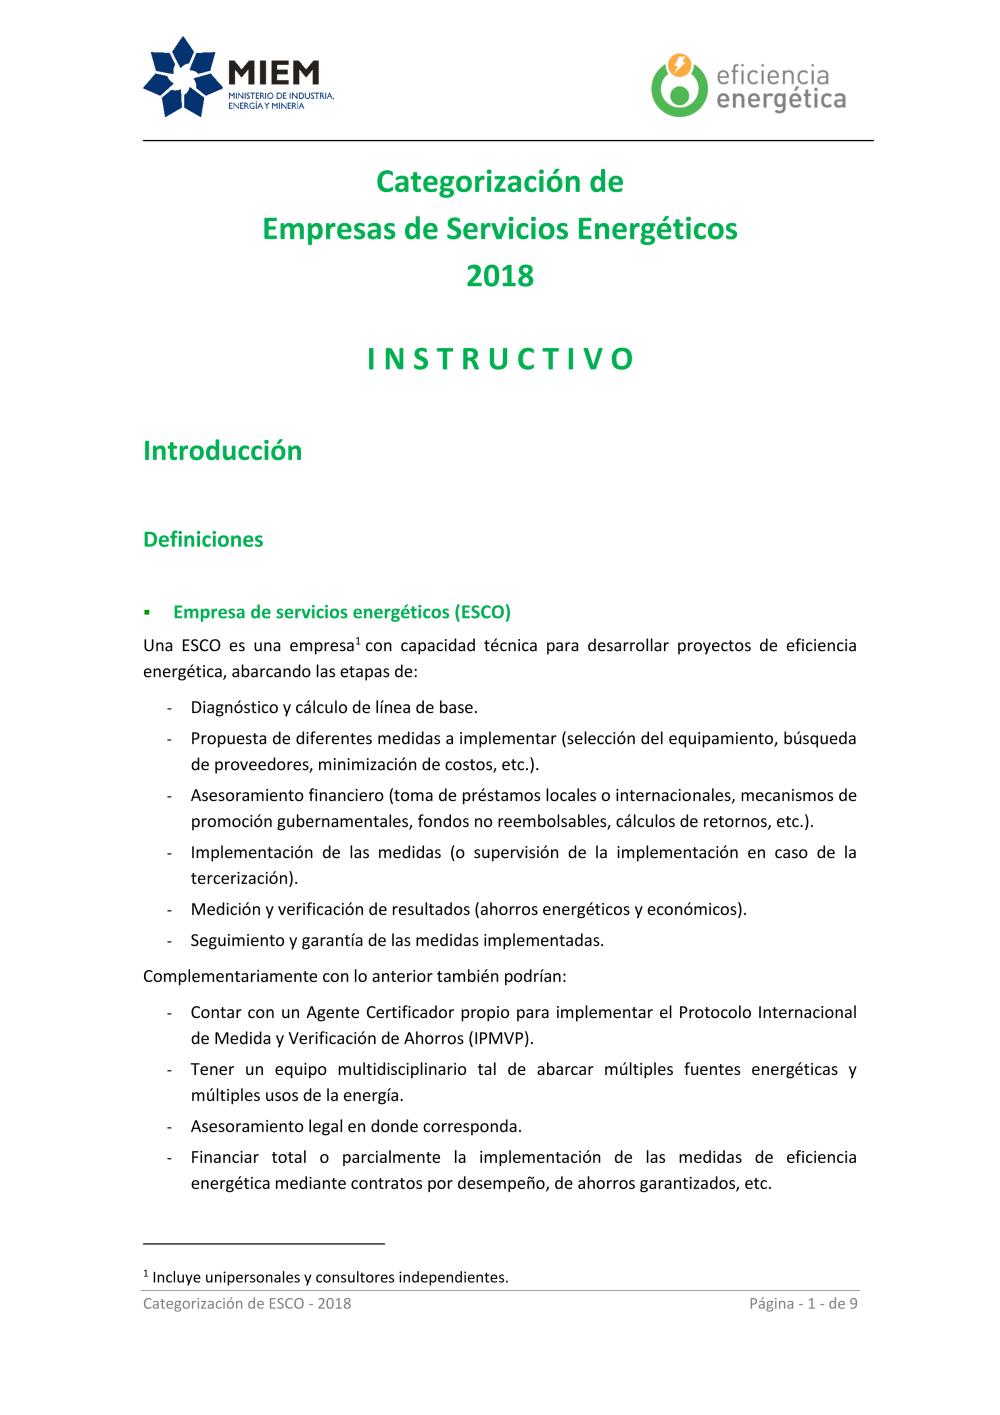 Dne Eficiencia Energetica 0 Instructivo Categorización